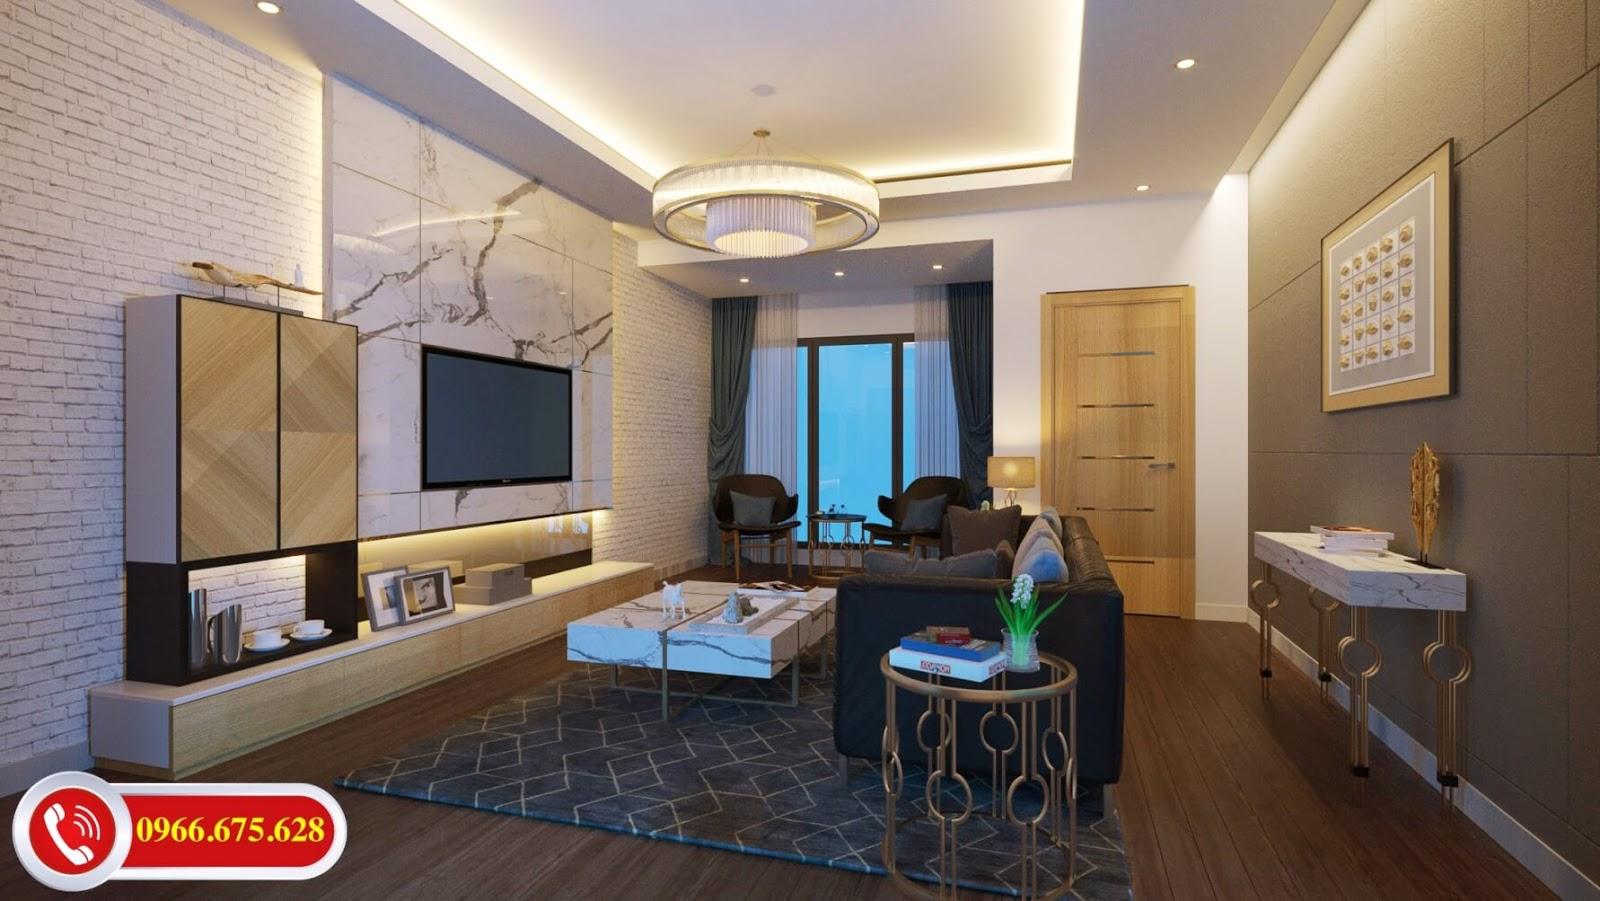 Phòng khách căn hộ 3 ngủ Amber Minh Khai